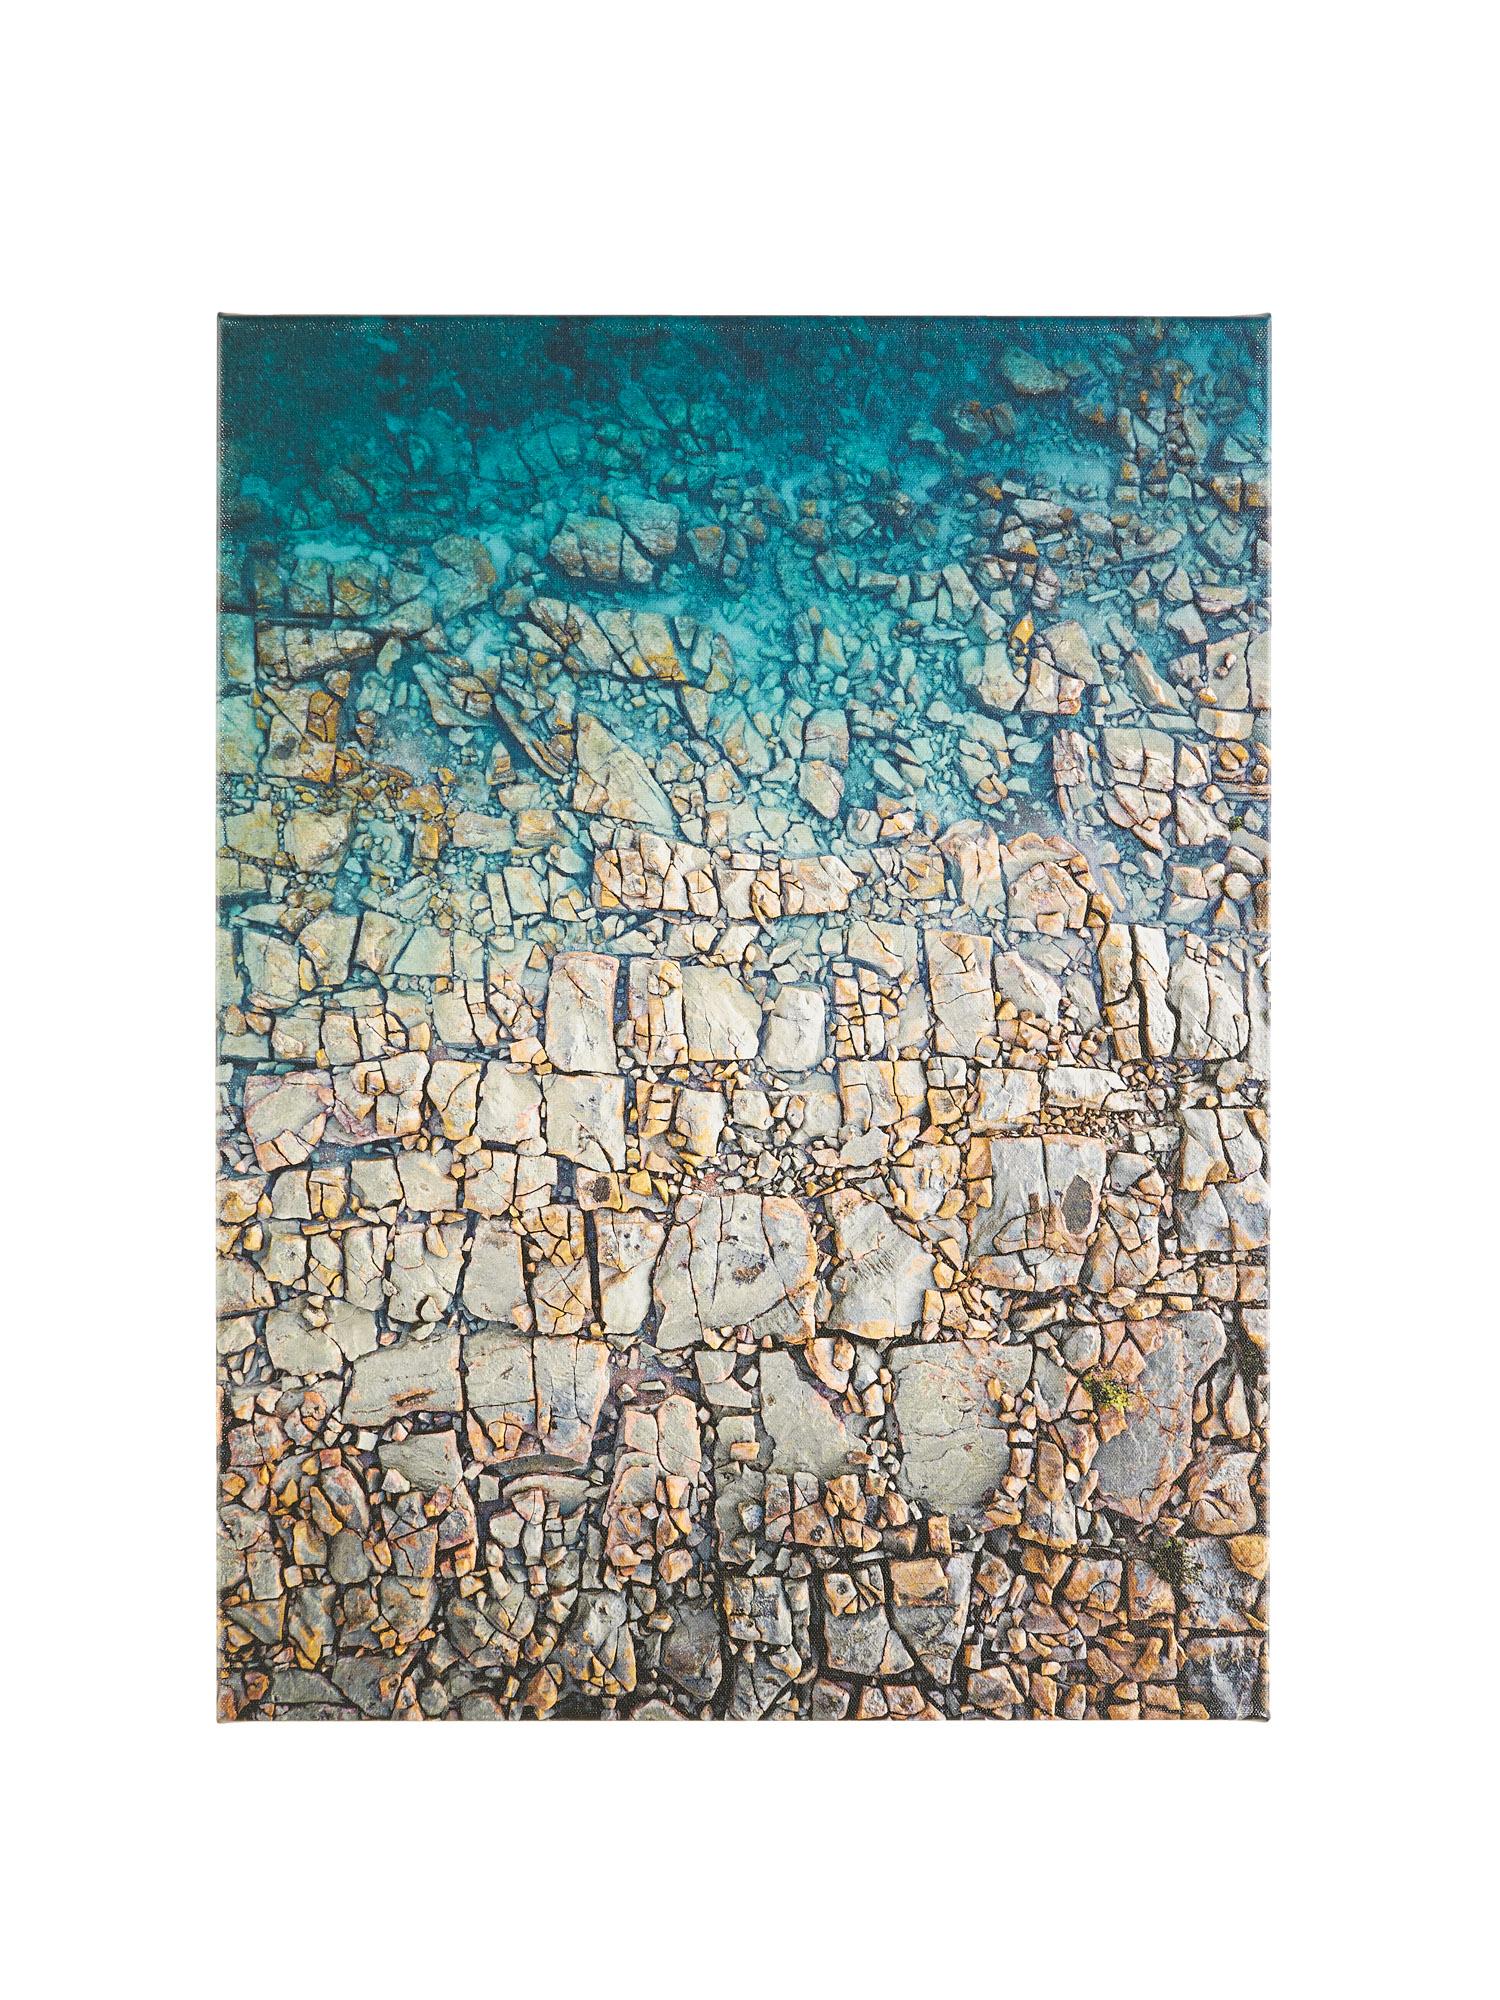 Salty Prints-60.jpg